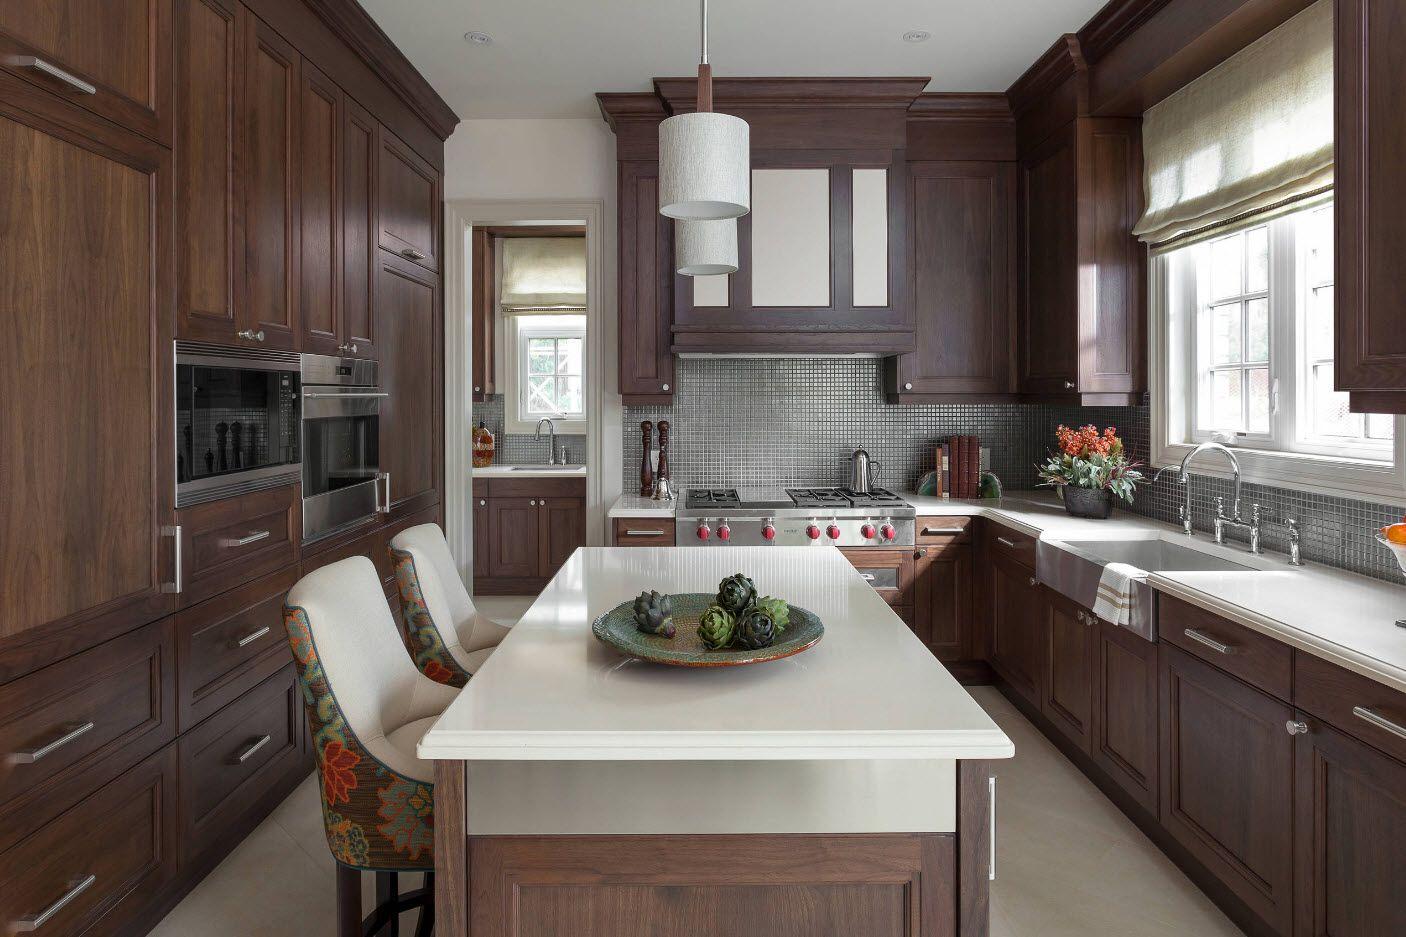 40 Square Feet Kitchen Modern Design Ideas & Layout Types. Noble dark wooden facades